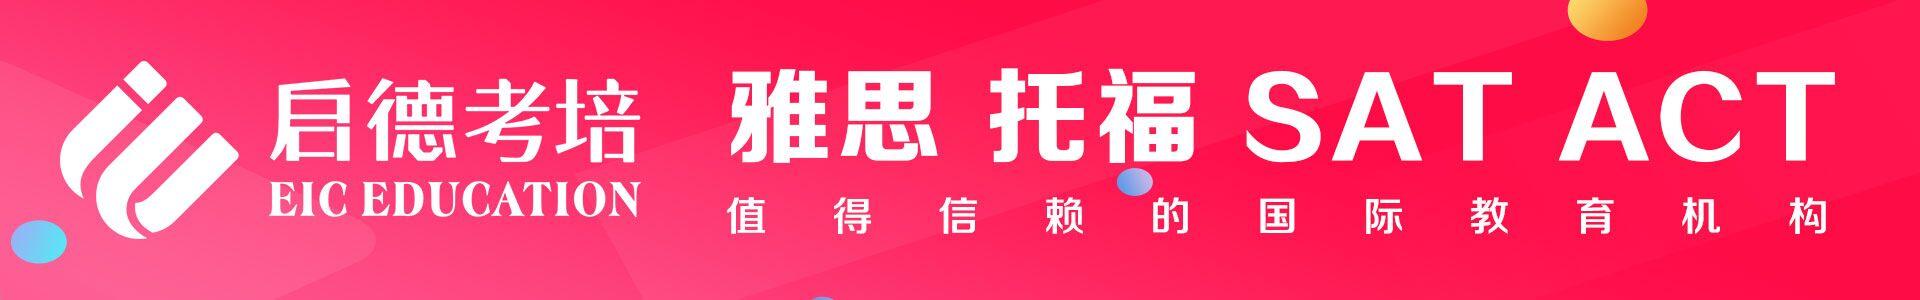 深圳启德考培中心